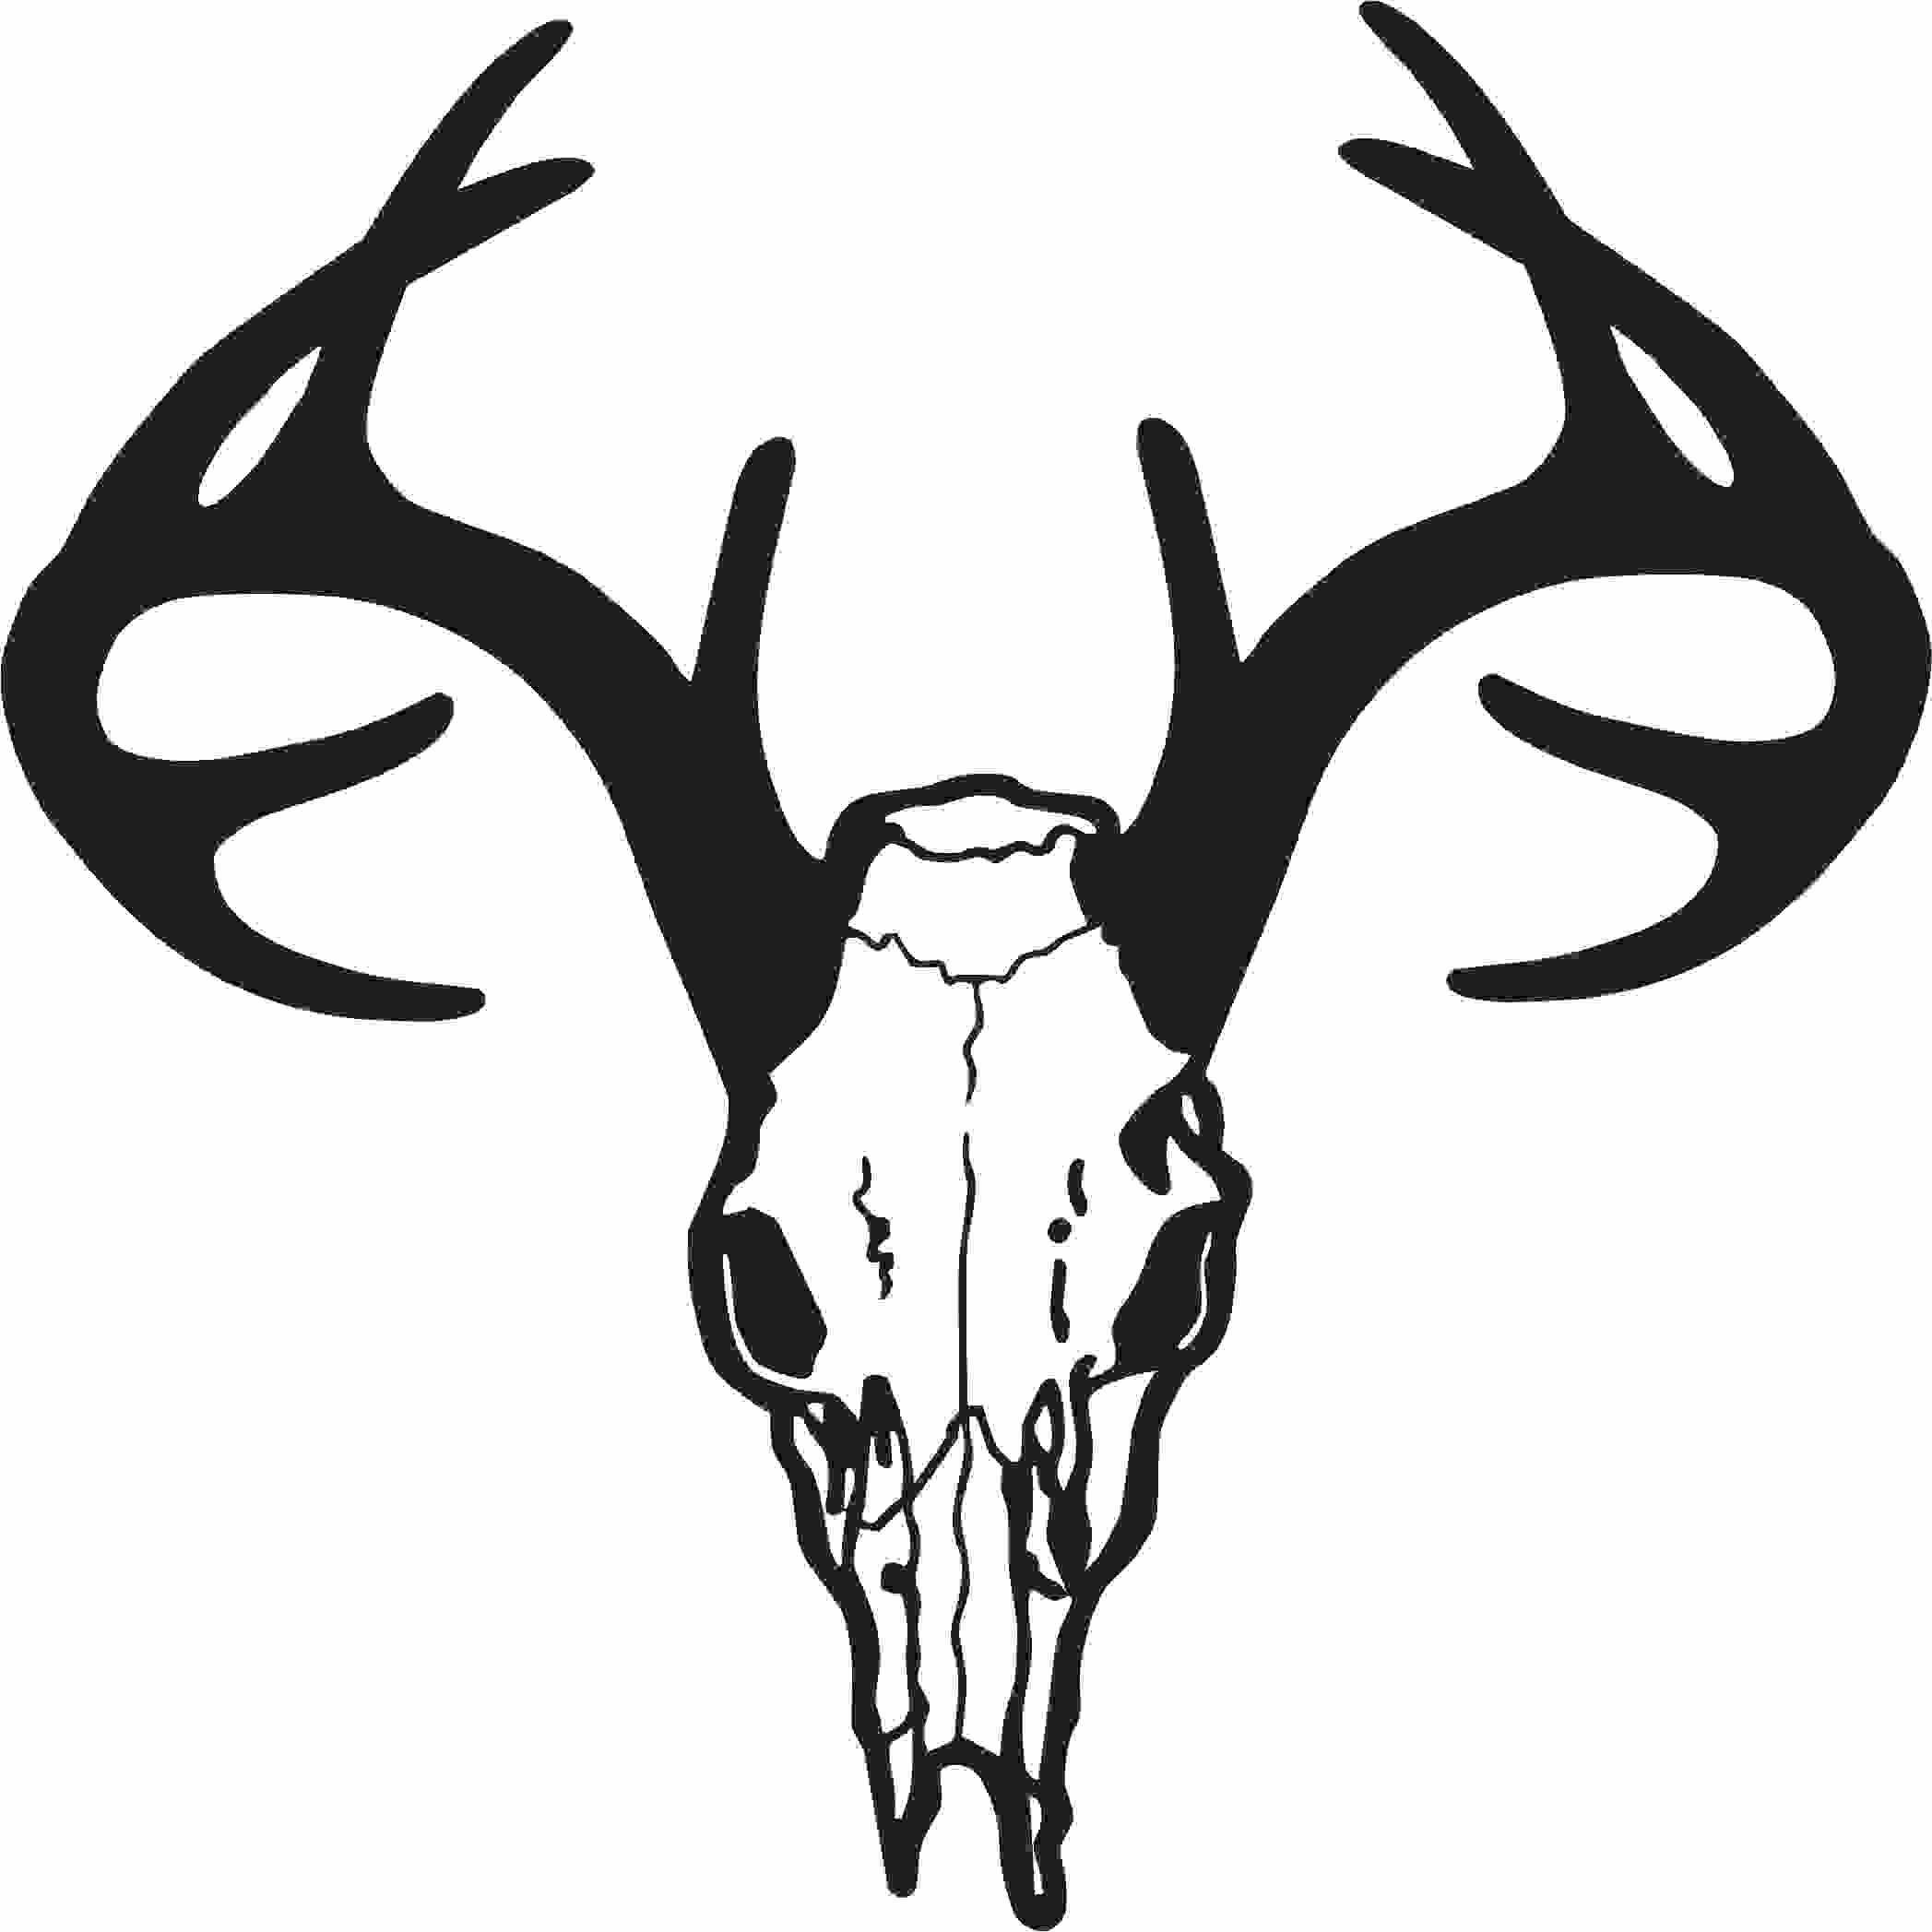 2095x2095 deer head wallpaper best of stag engraving stag head drawing